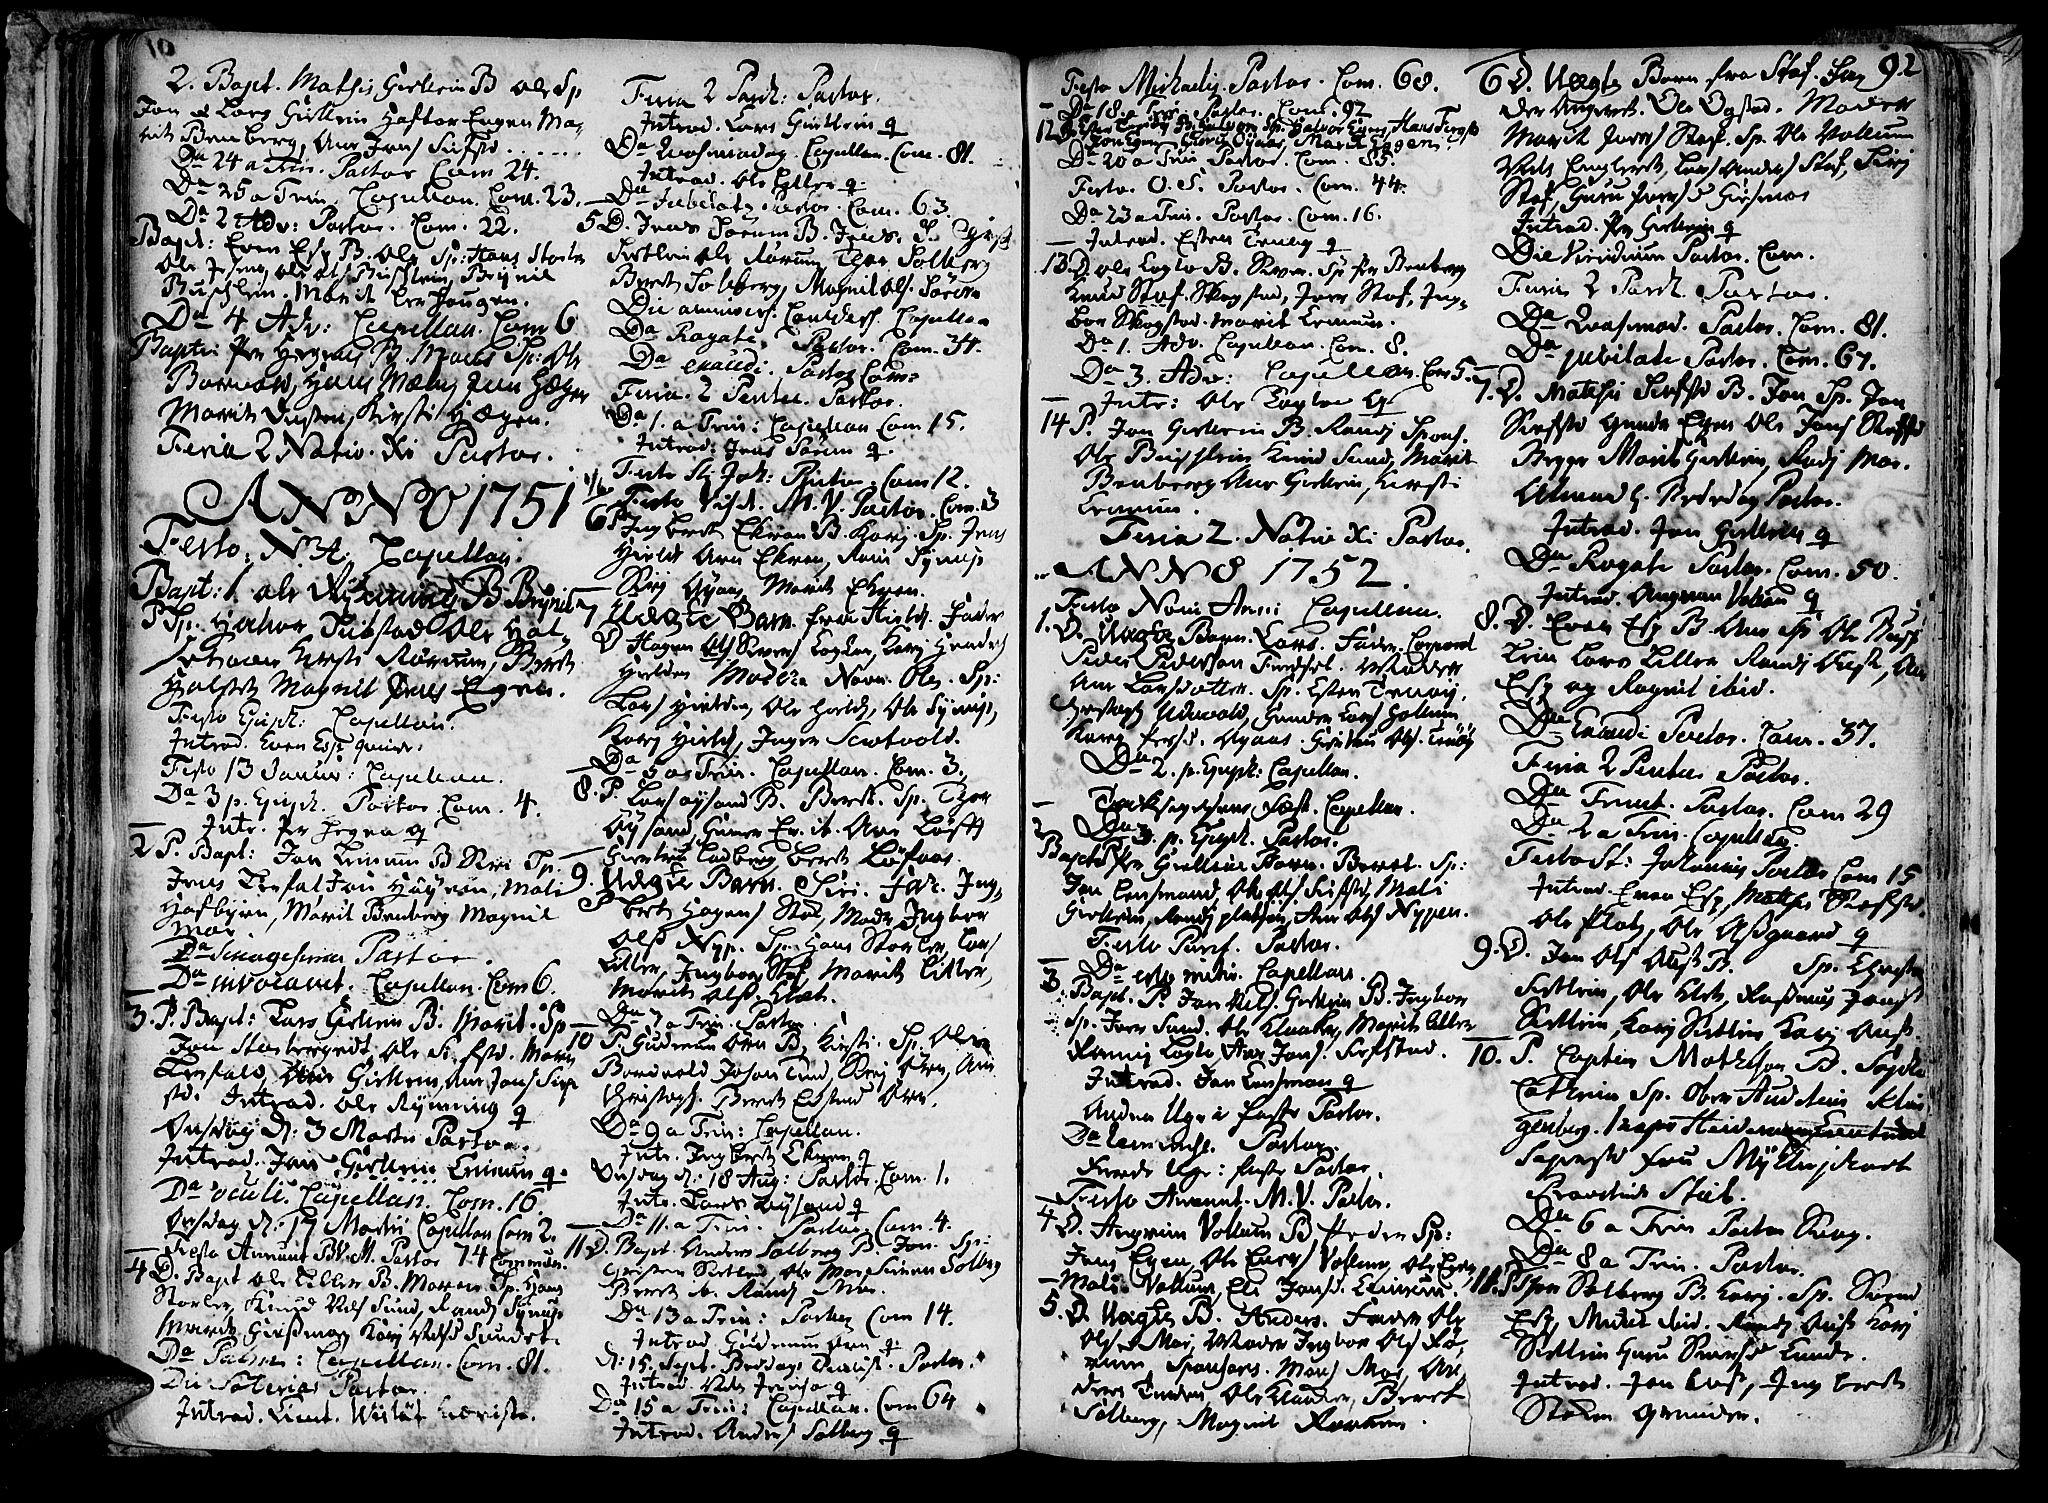 SAT, Ministerialprotokoller, klokkerbøker og fødselsregistre - Sør-Trøndelag, 691/L1059: Ministerialbok nr. 691A01 /3, 1740-1767, s. 92